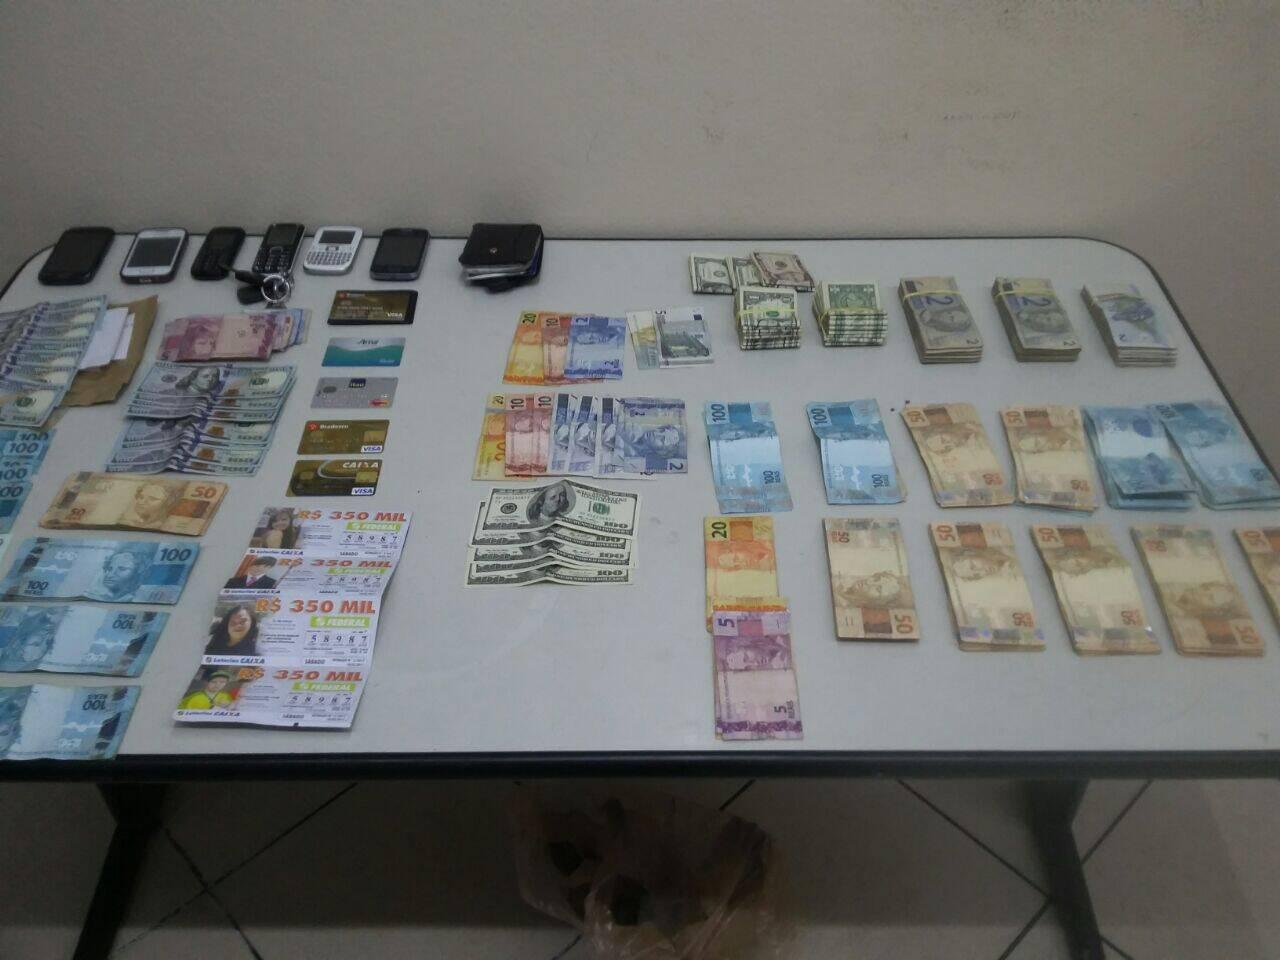 Os policiais conseguiram recuperar aproximadamente R$ 25,500 que estavam com os criminosos. Foto: Divulgação/Polícia Militar